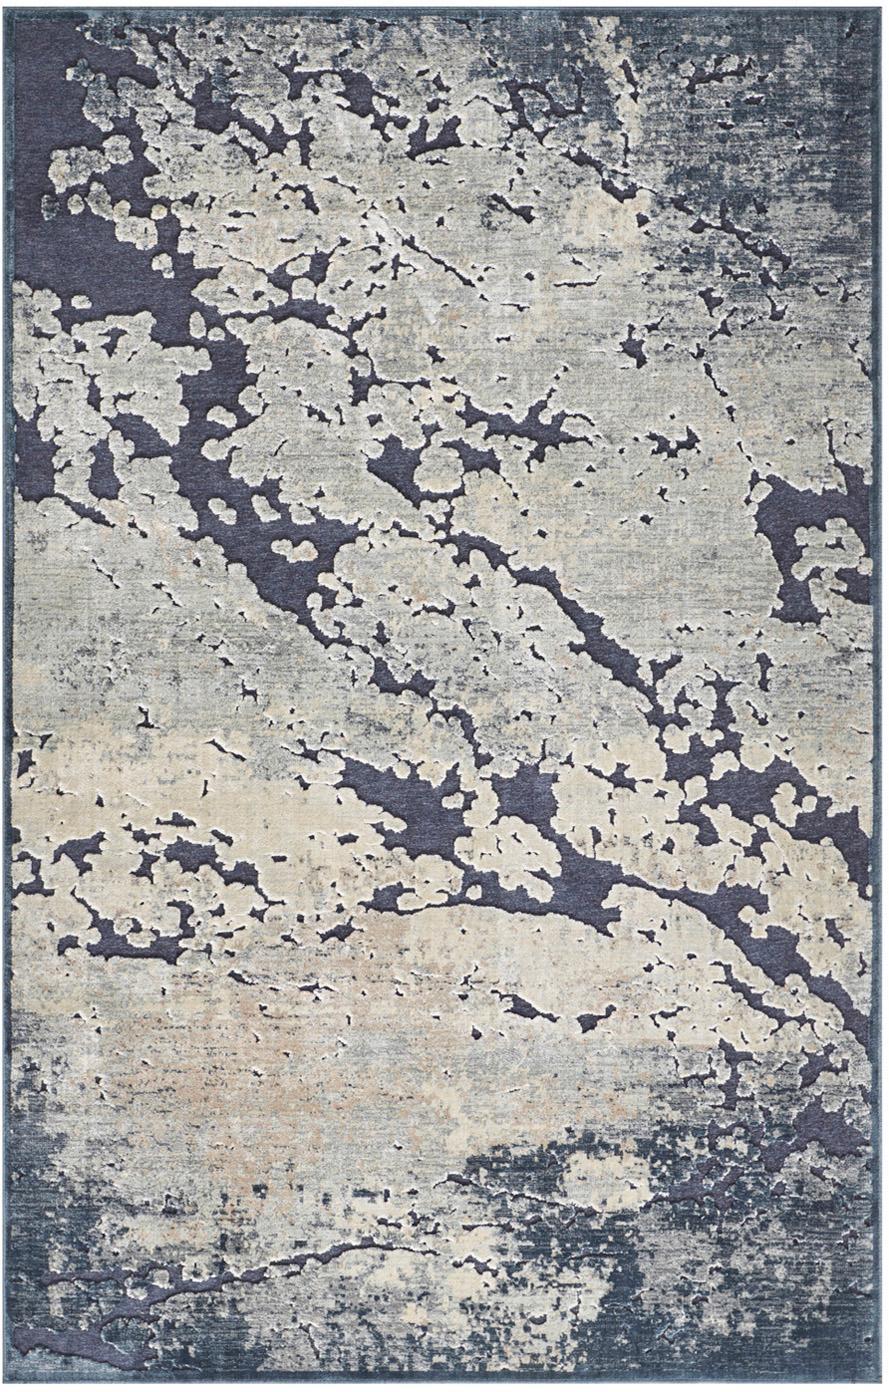 Viskose-Teppich Arroux mit Hoch-Tief-Effekt, Flor: 90%Viskose, 10%Polyeste, Dunkelblau, Beige, B 80 x L 125 cm (Größe XS)